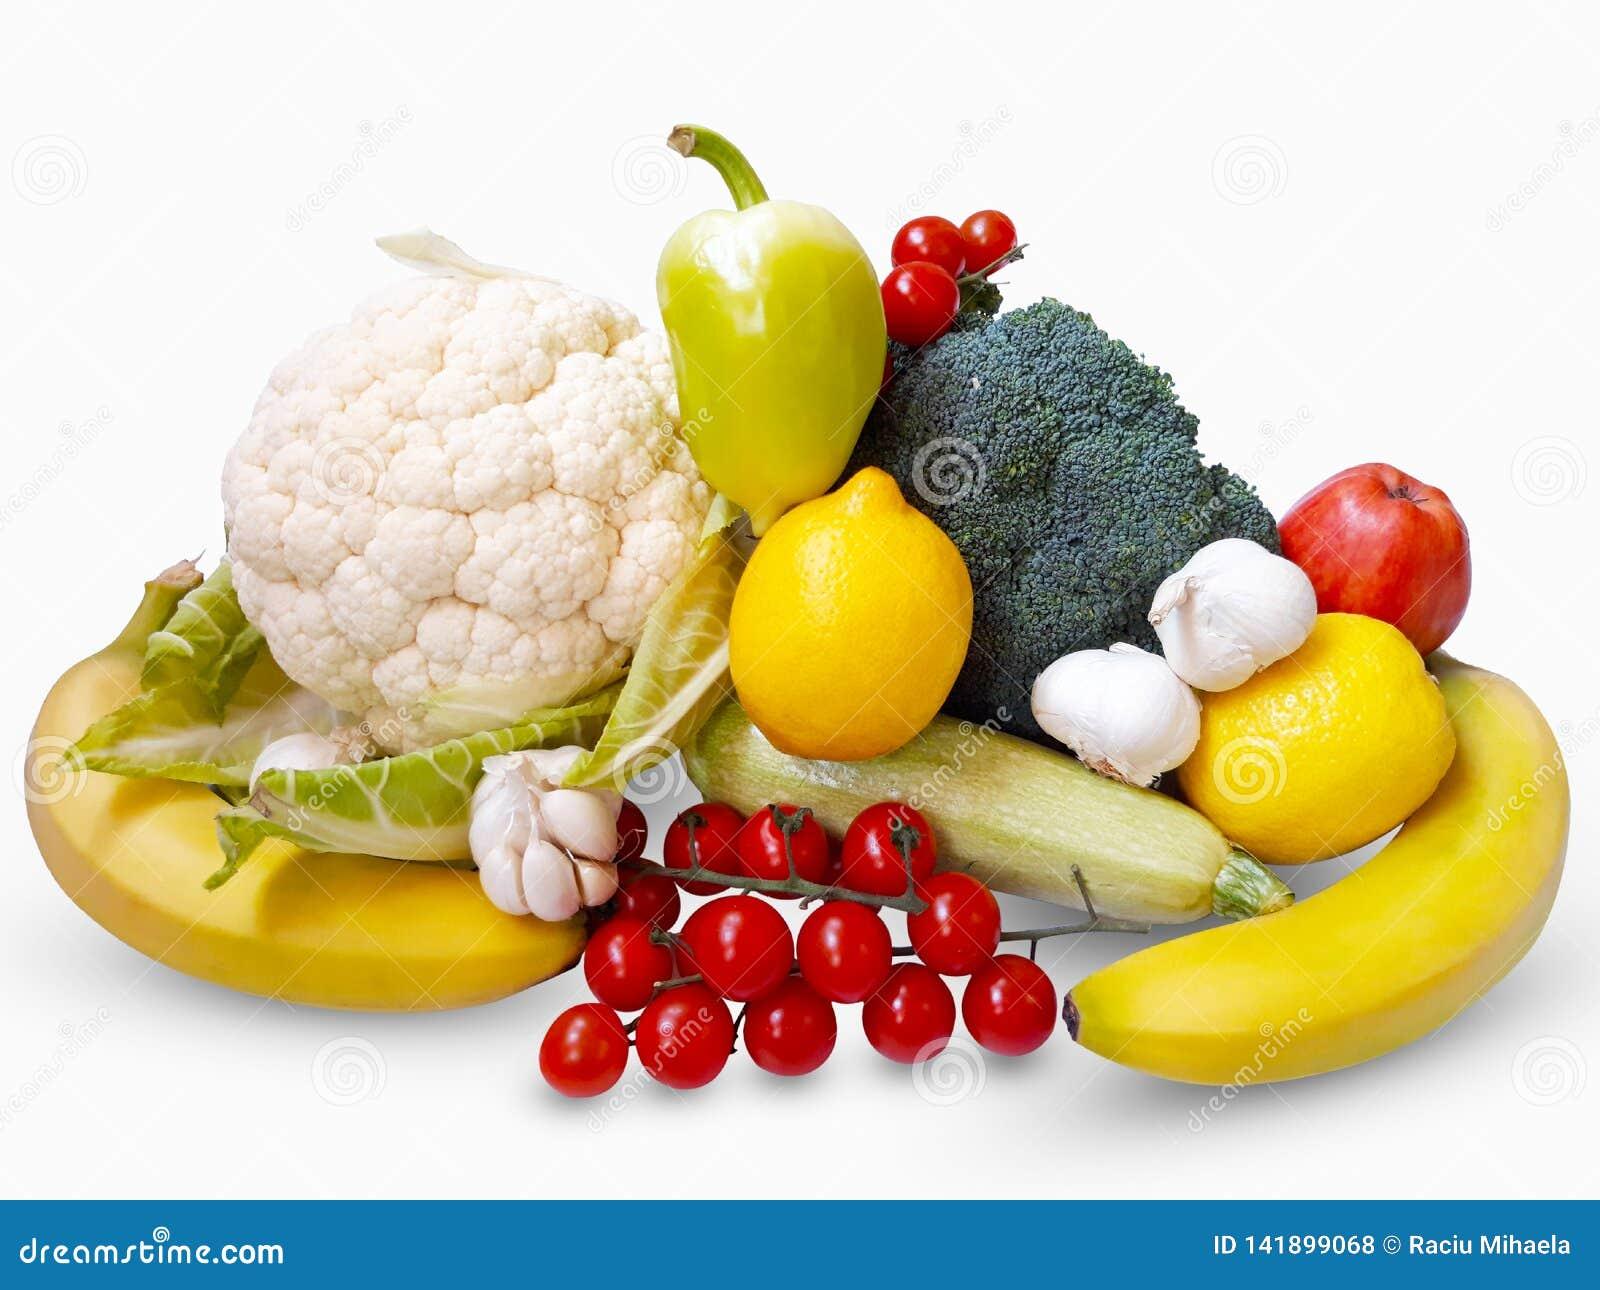 Φρέσκα λαχανικά και φρούτα στο άσπρο υπόβαθρο